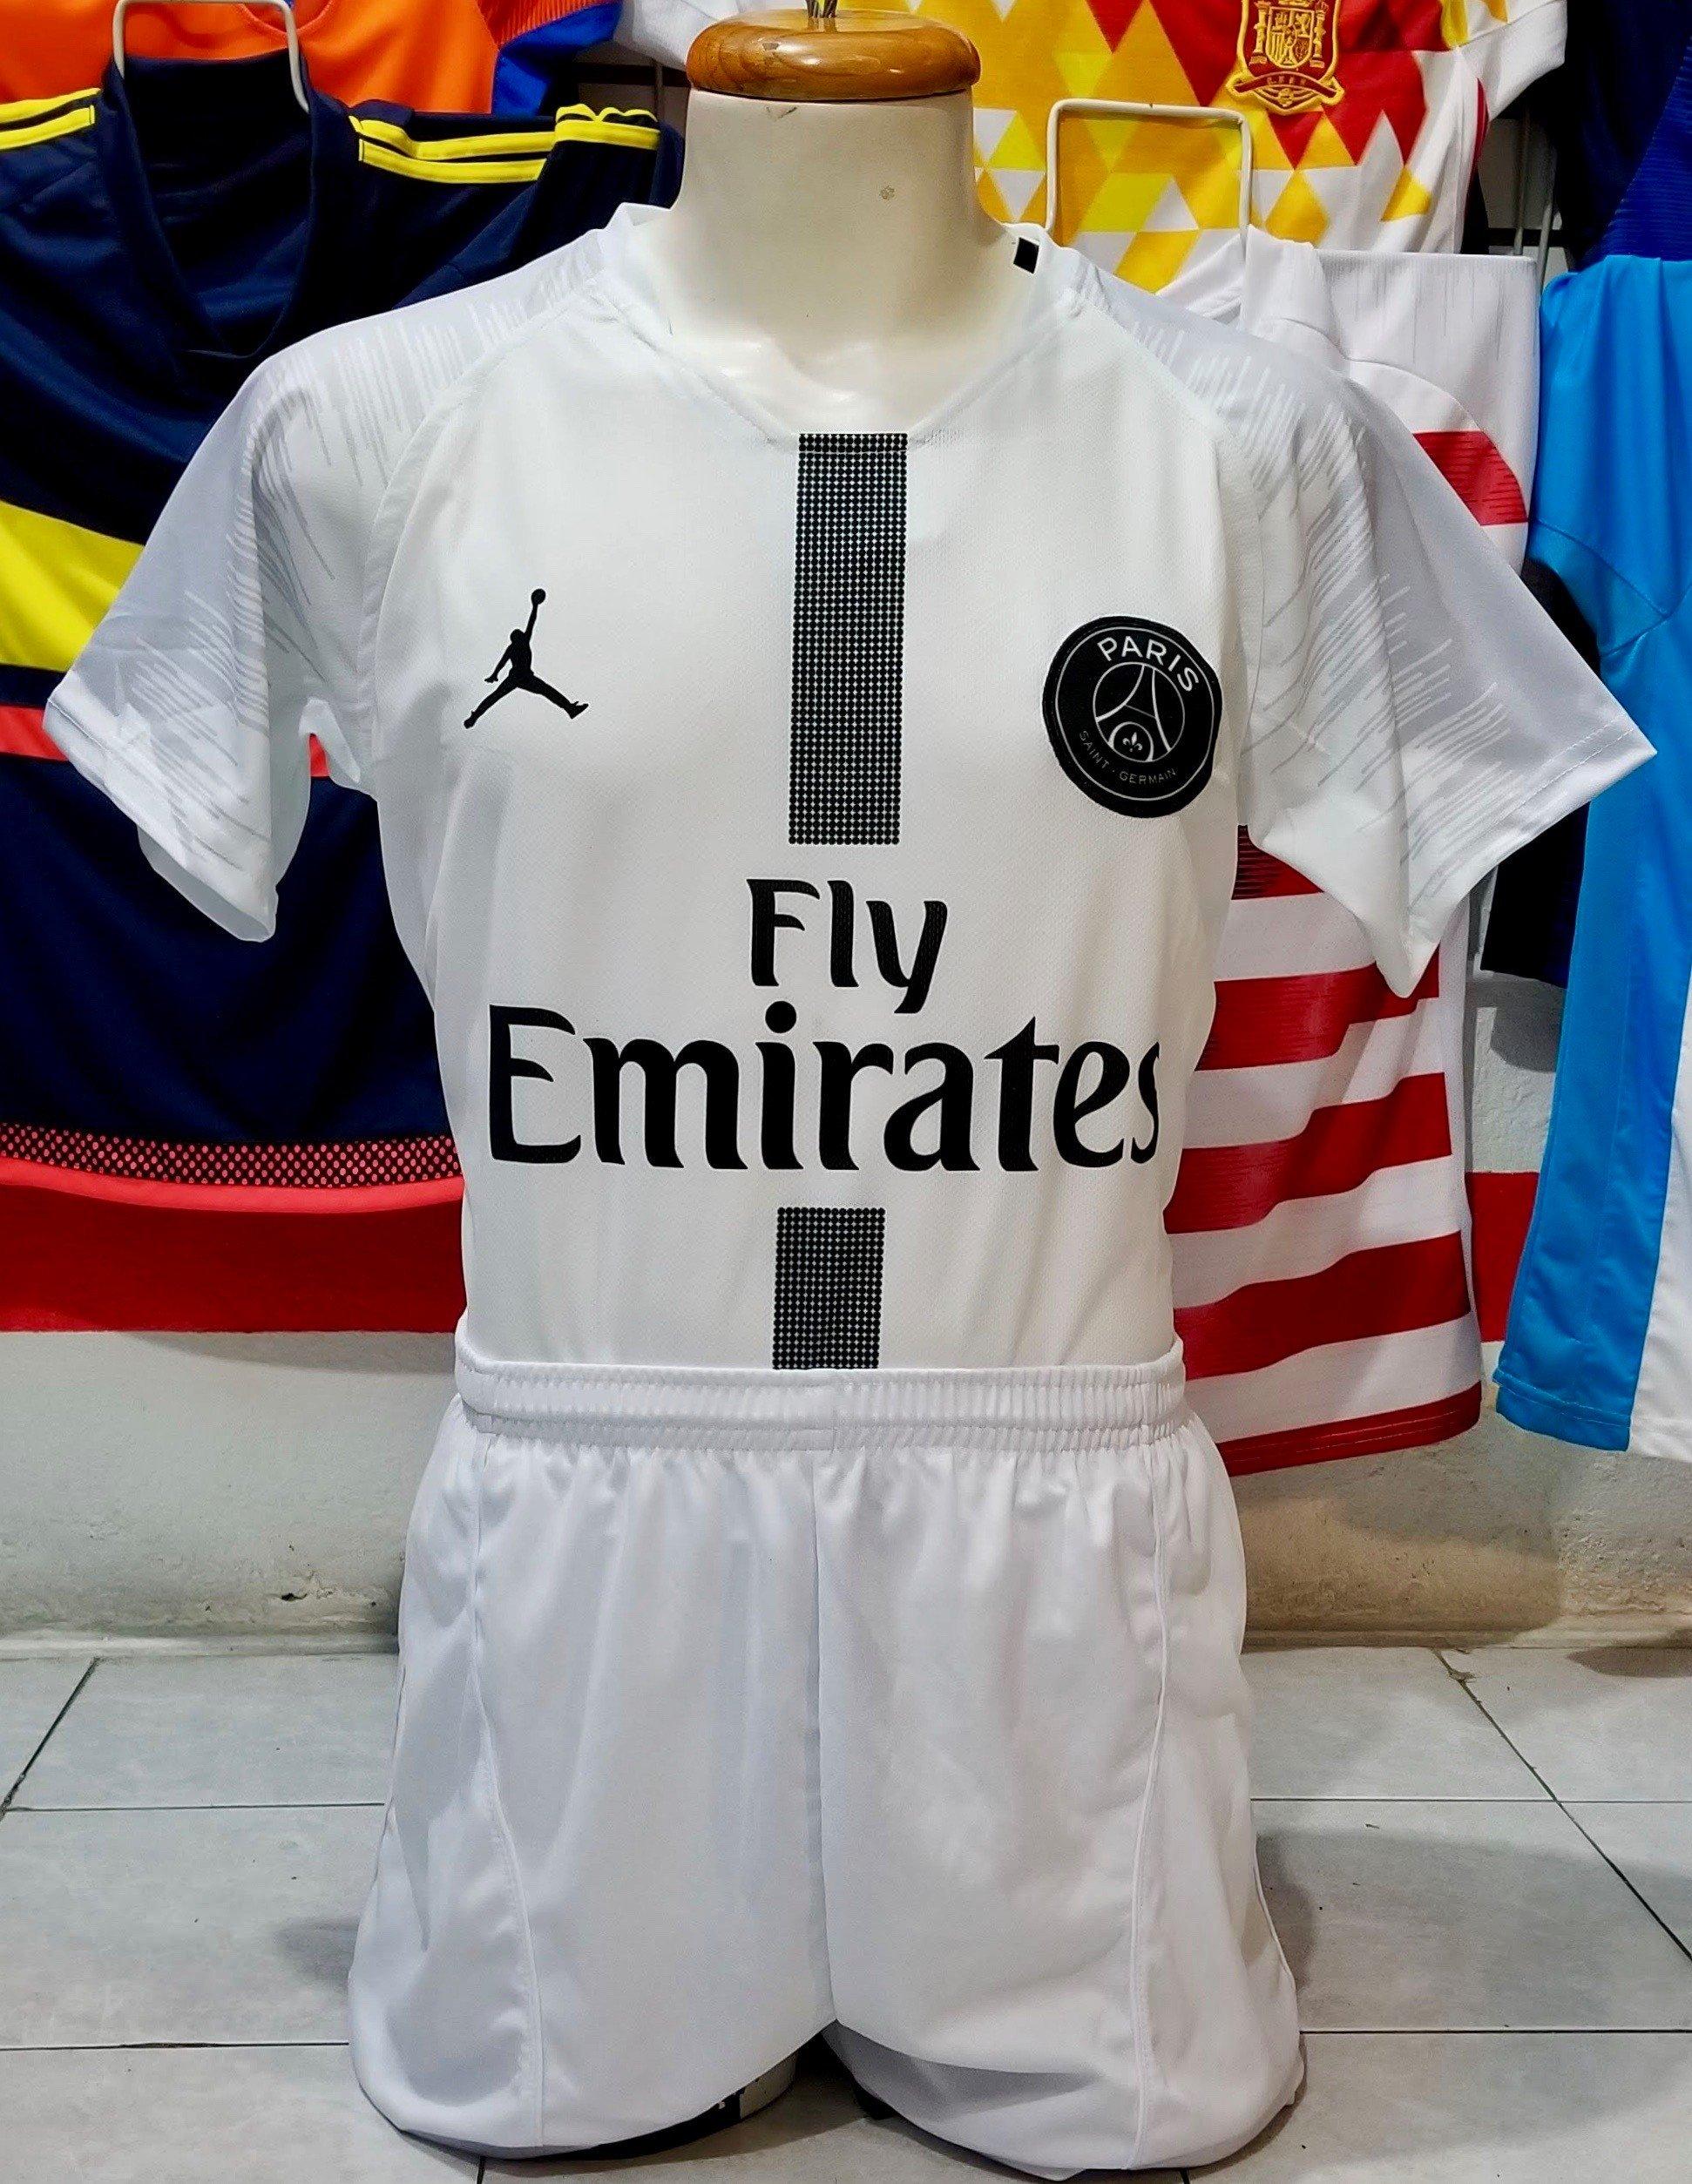 6a92b6c442eec A la venta ya los 3 uniformes del Paris St. Germain 2018